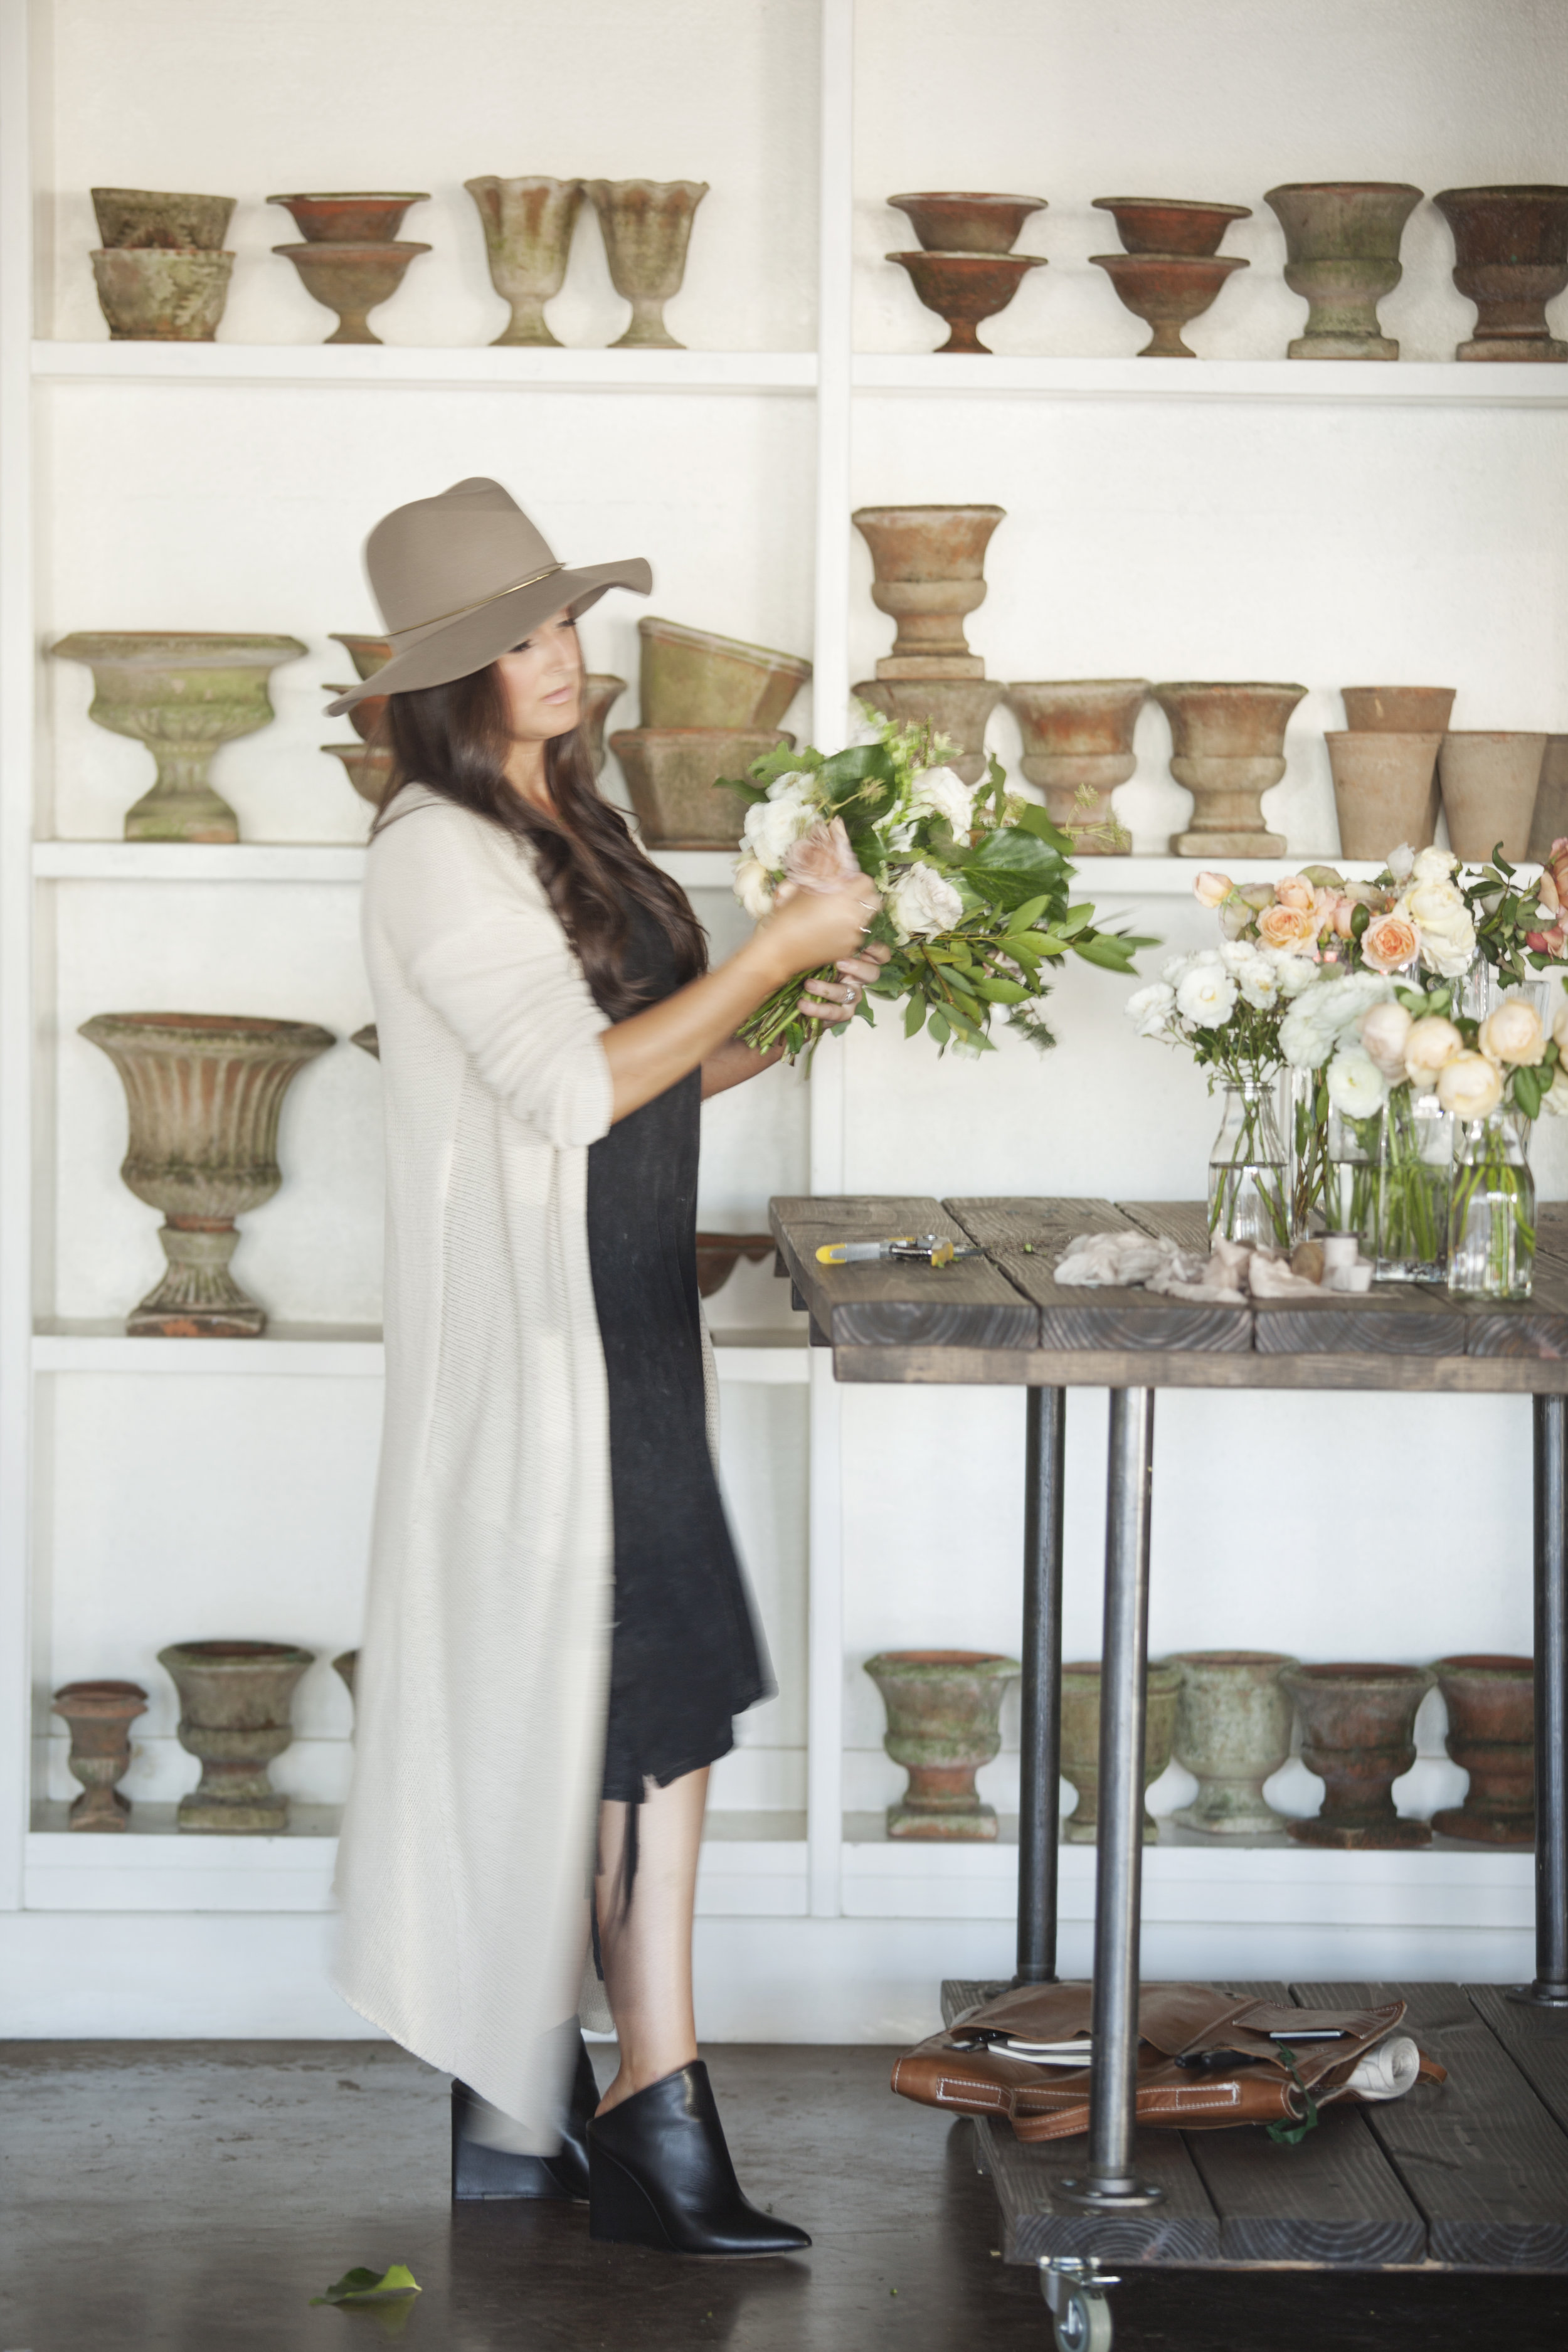 Jessica-Zimmerman-Events-Floral-Designer-Wedding-Planner.jpg